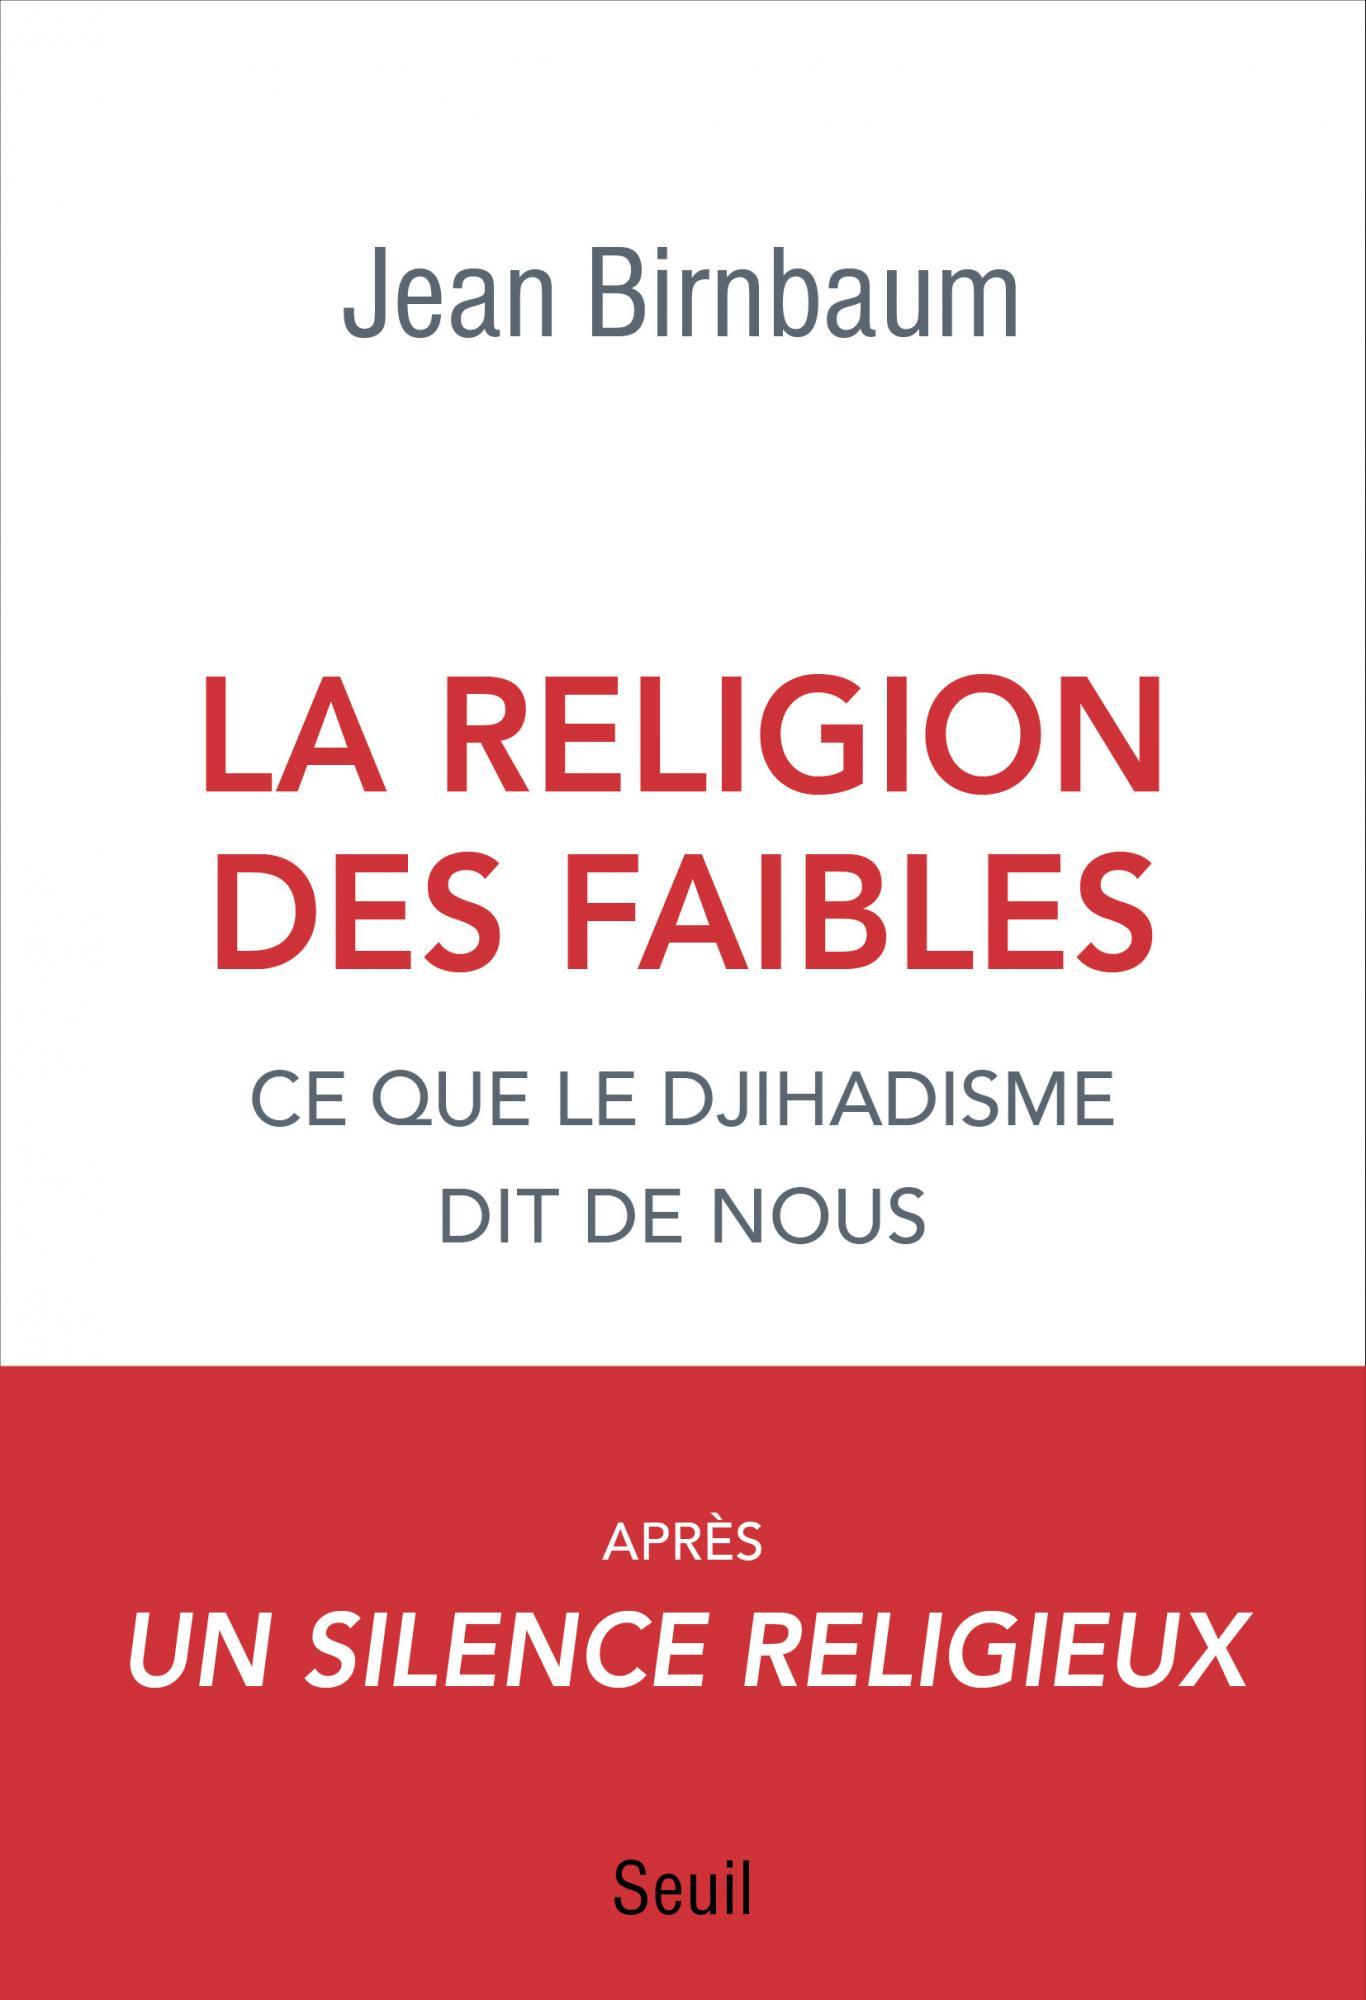 La Religion des faibles. Ce que le djihadisme dit de nous. De Jean Birnbaum.